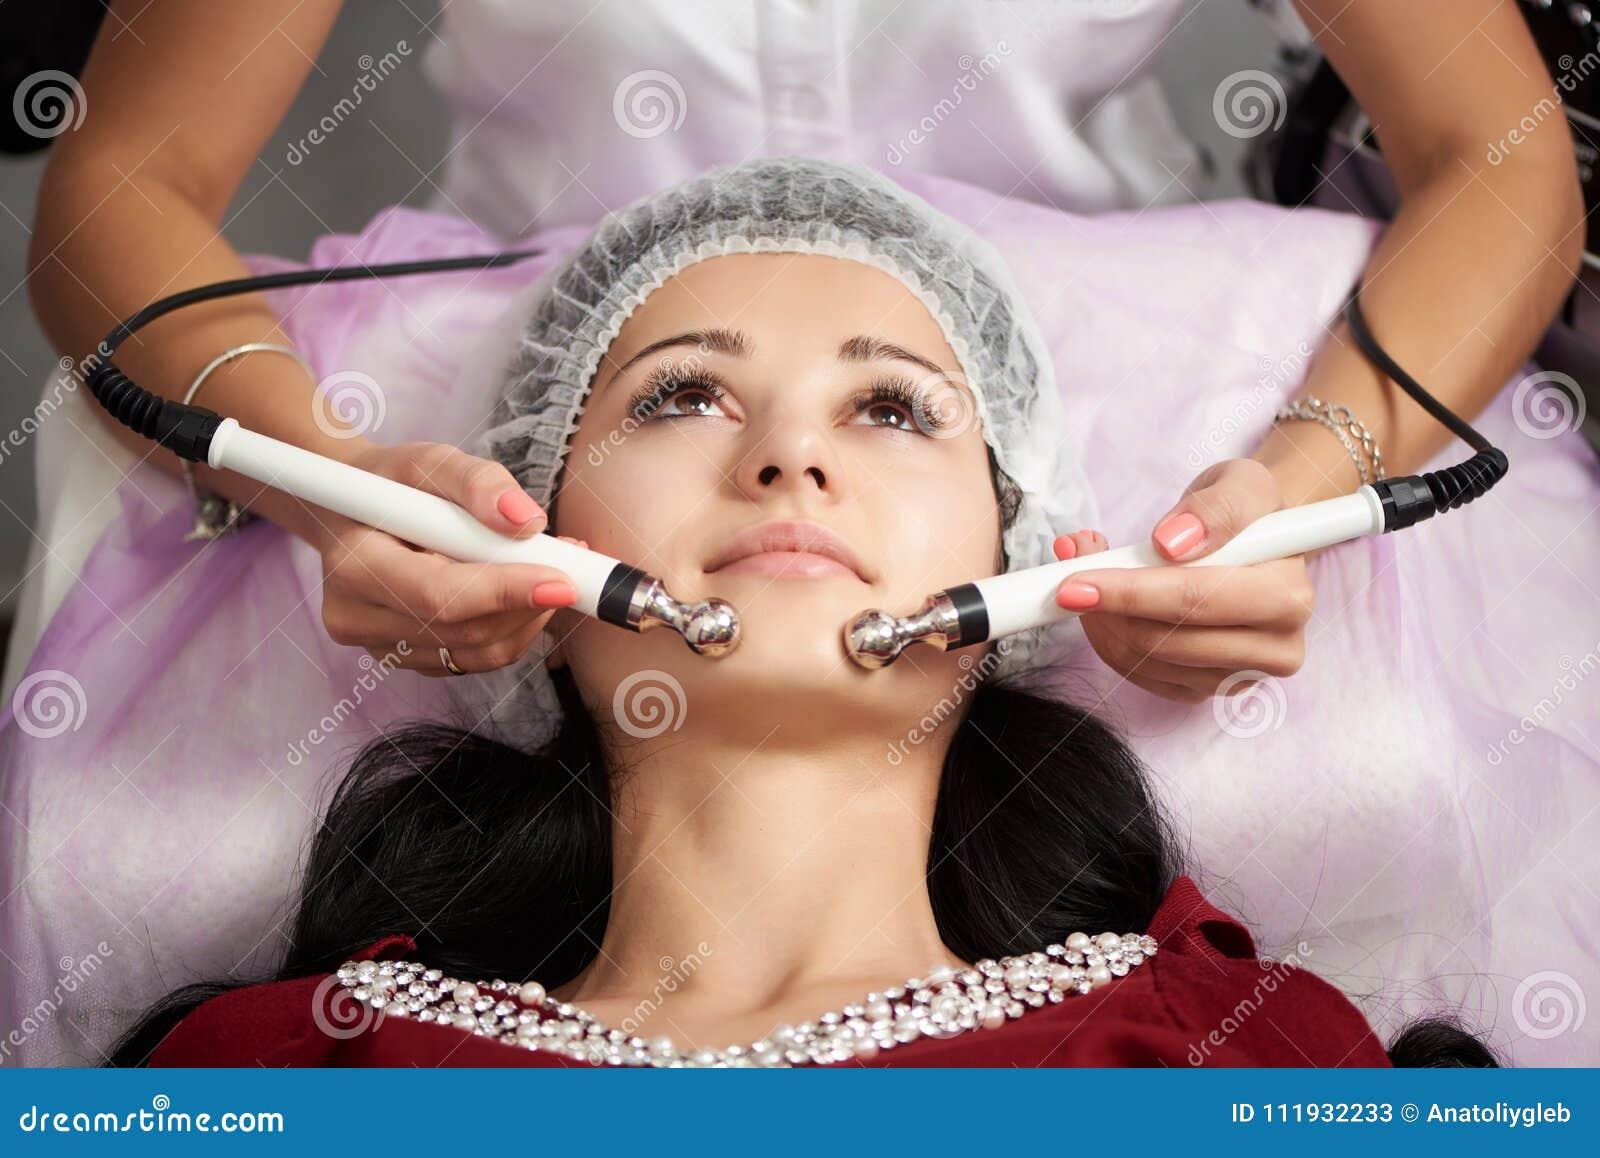 El paciente femenino está teniendo masaje facial en un salón de belleza Cosmetología y rutina del cuidado de piel